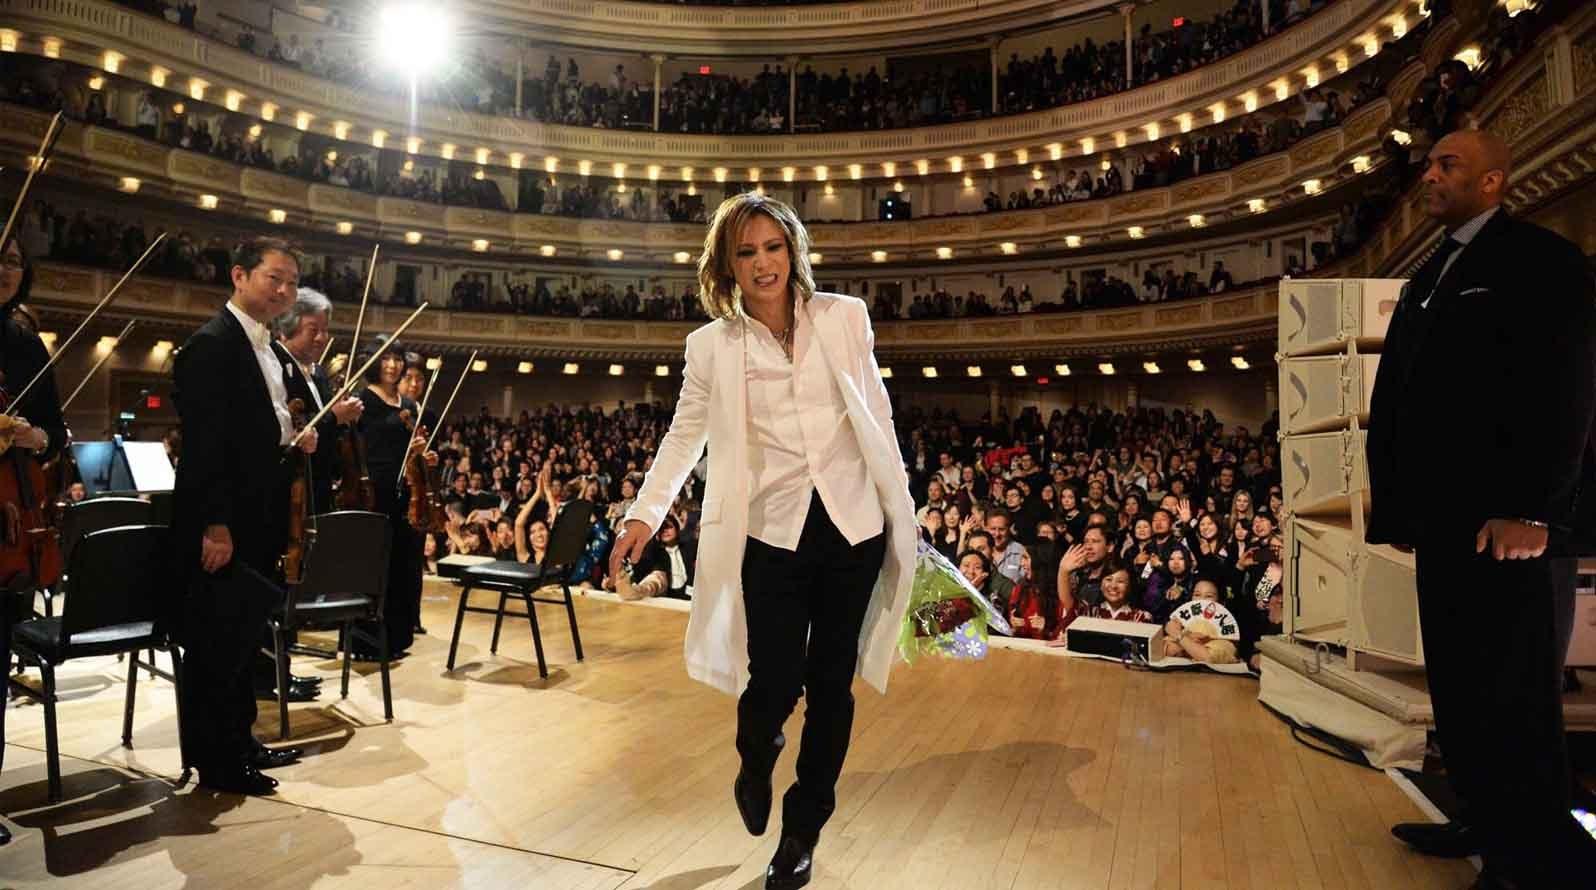 【迷迷歌單】Yoshiki Classical Special at Carnegie Hall